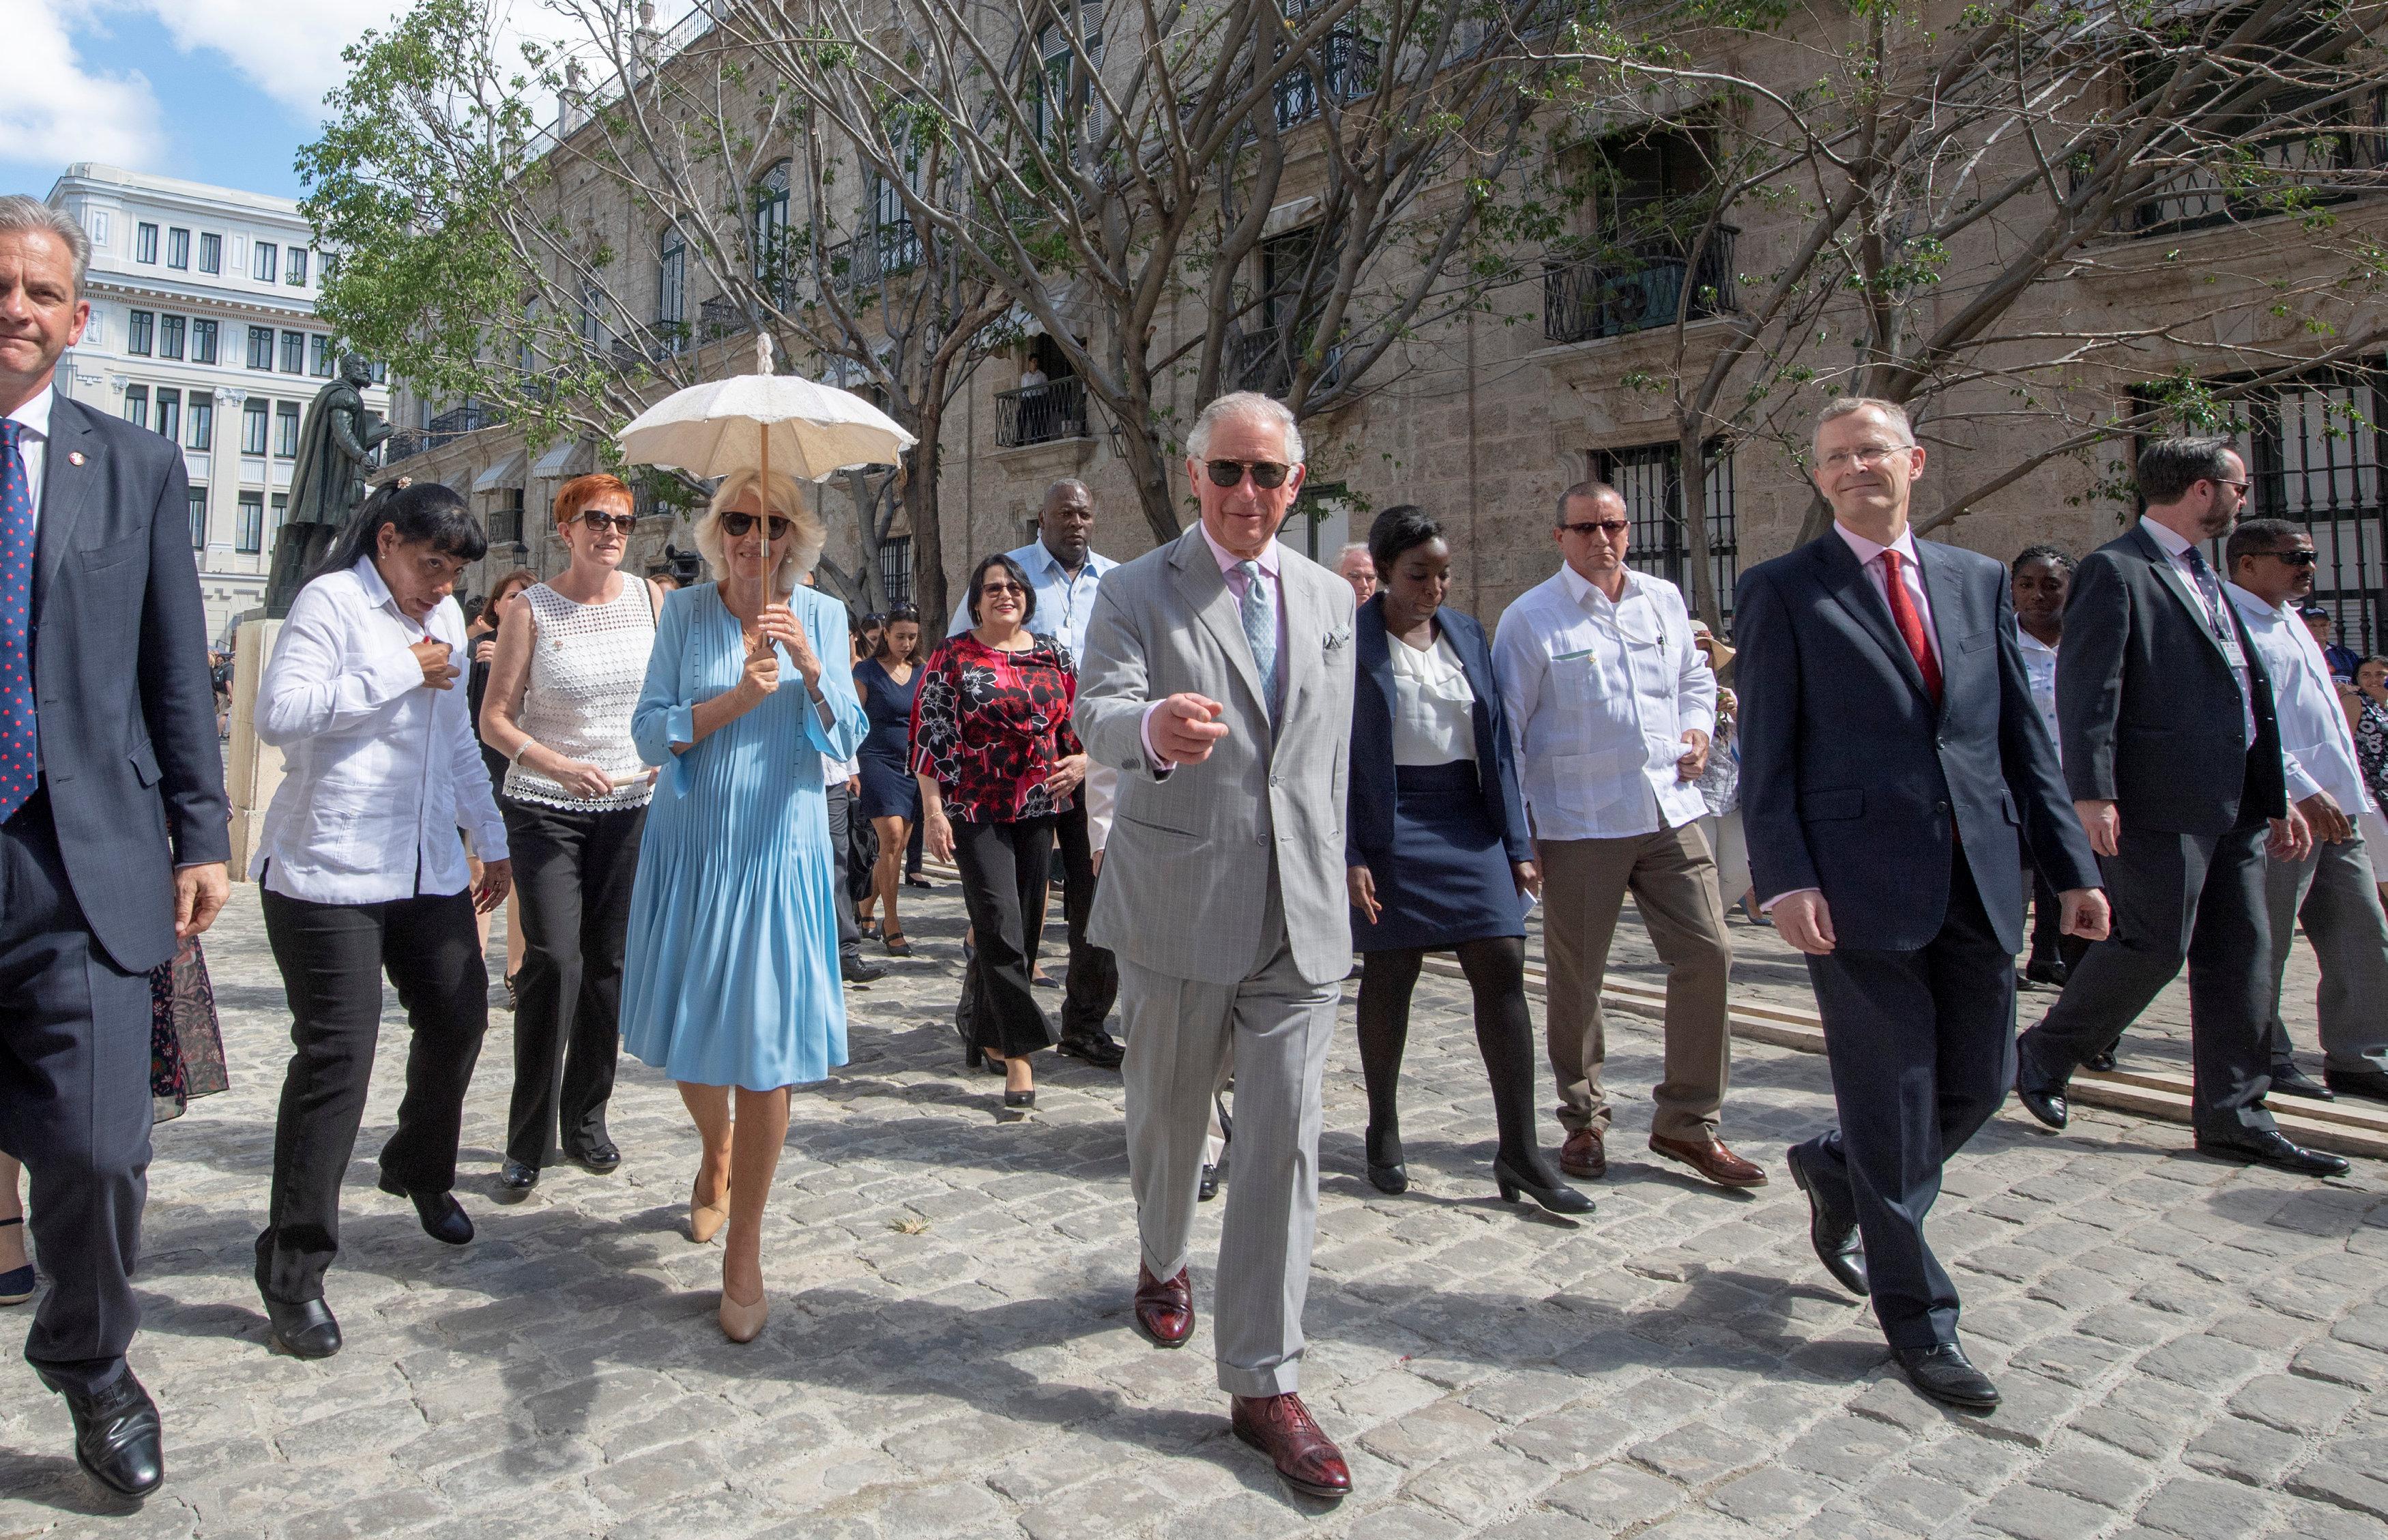 El príncipe Carlos develó una estatuta del escritor William Shakespeare en La Habana